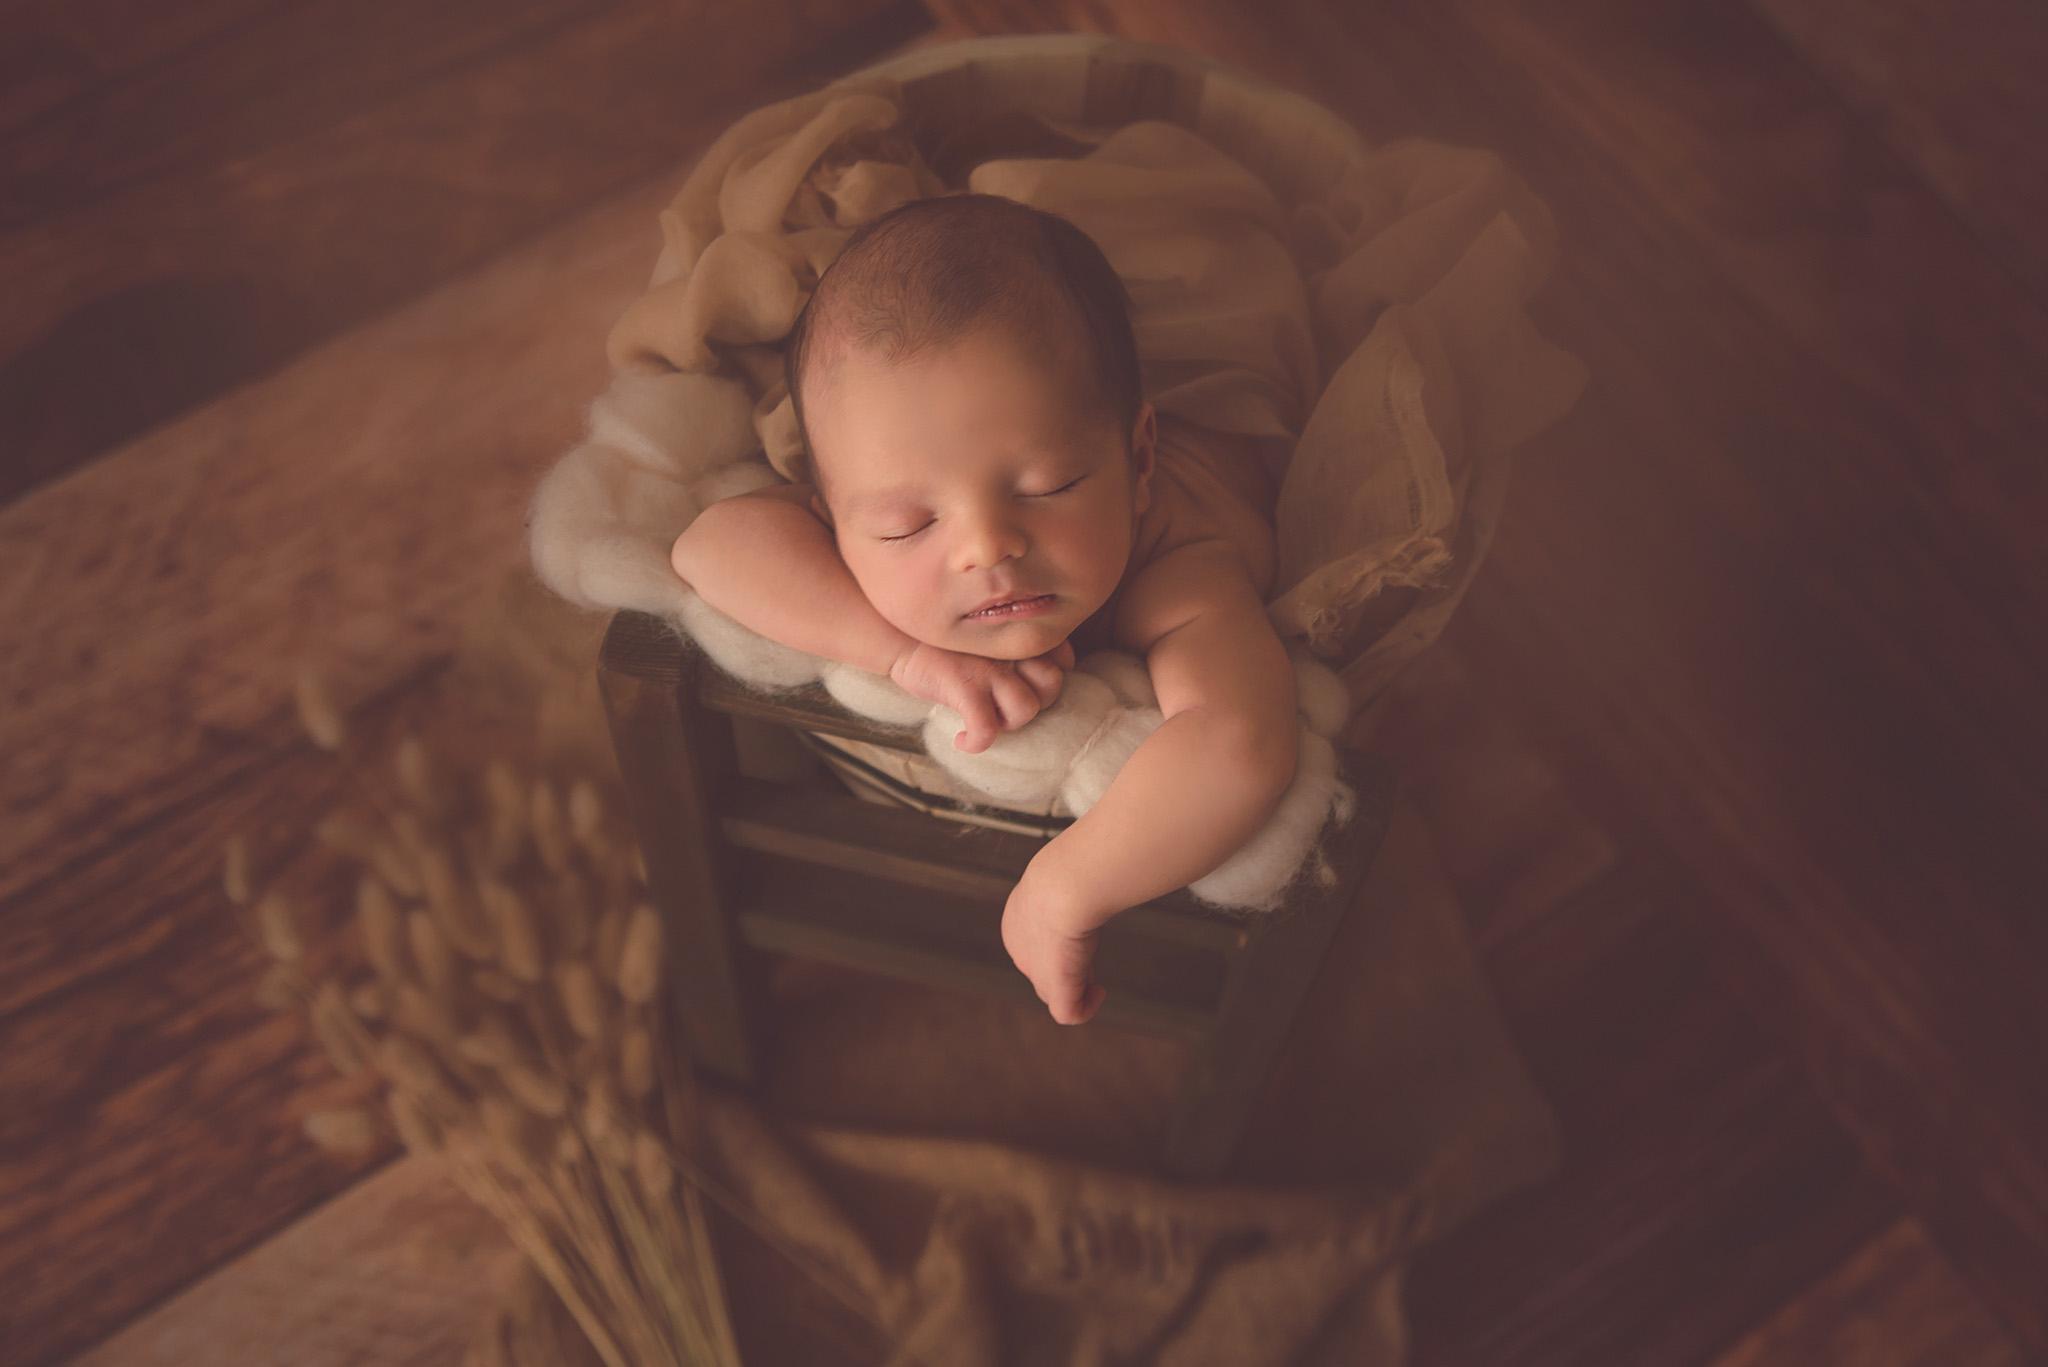 séance photo bébé photographe naissance tourcoing près de Lille